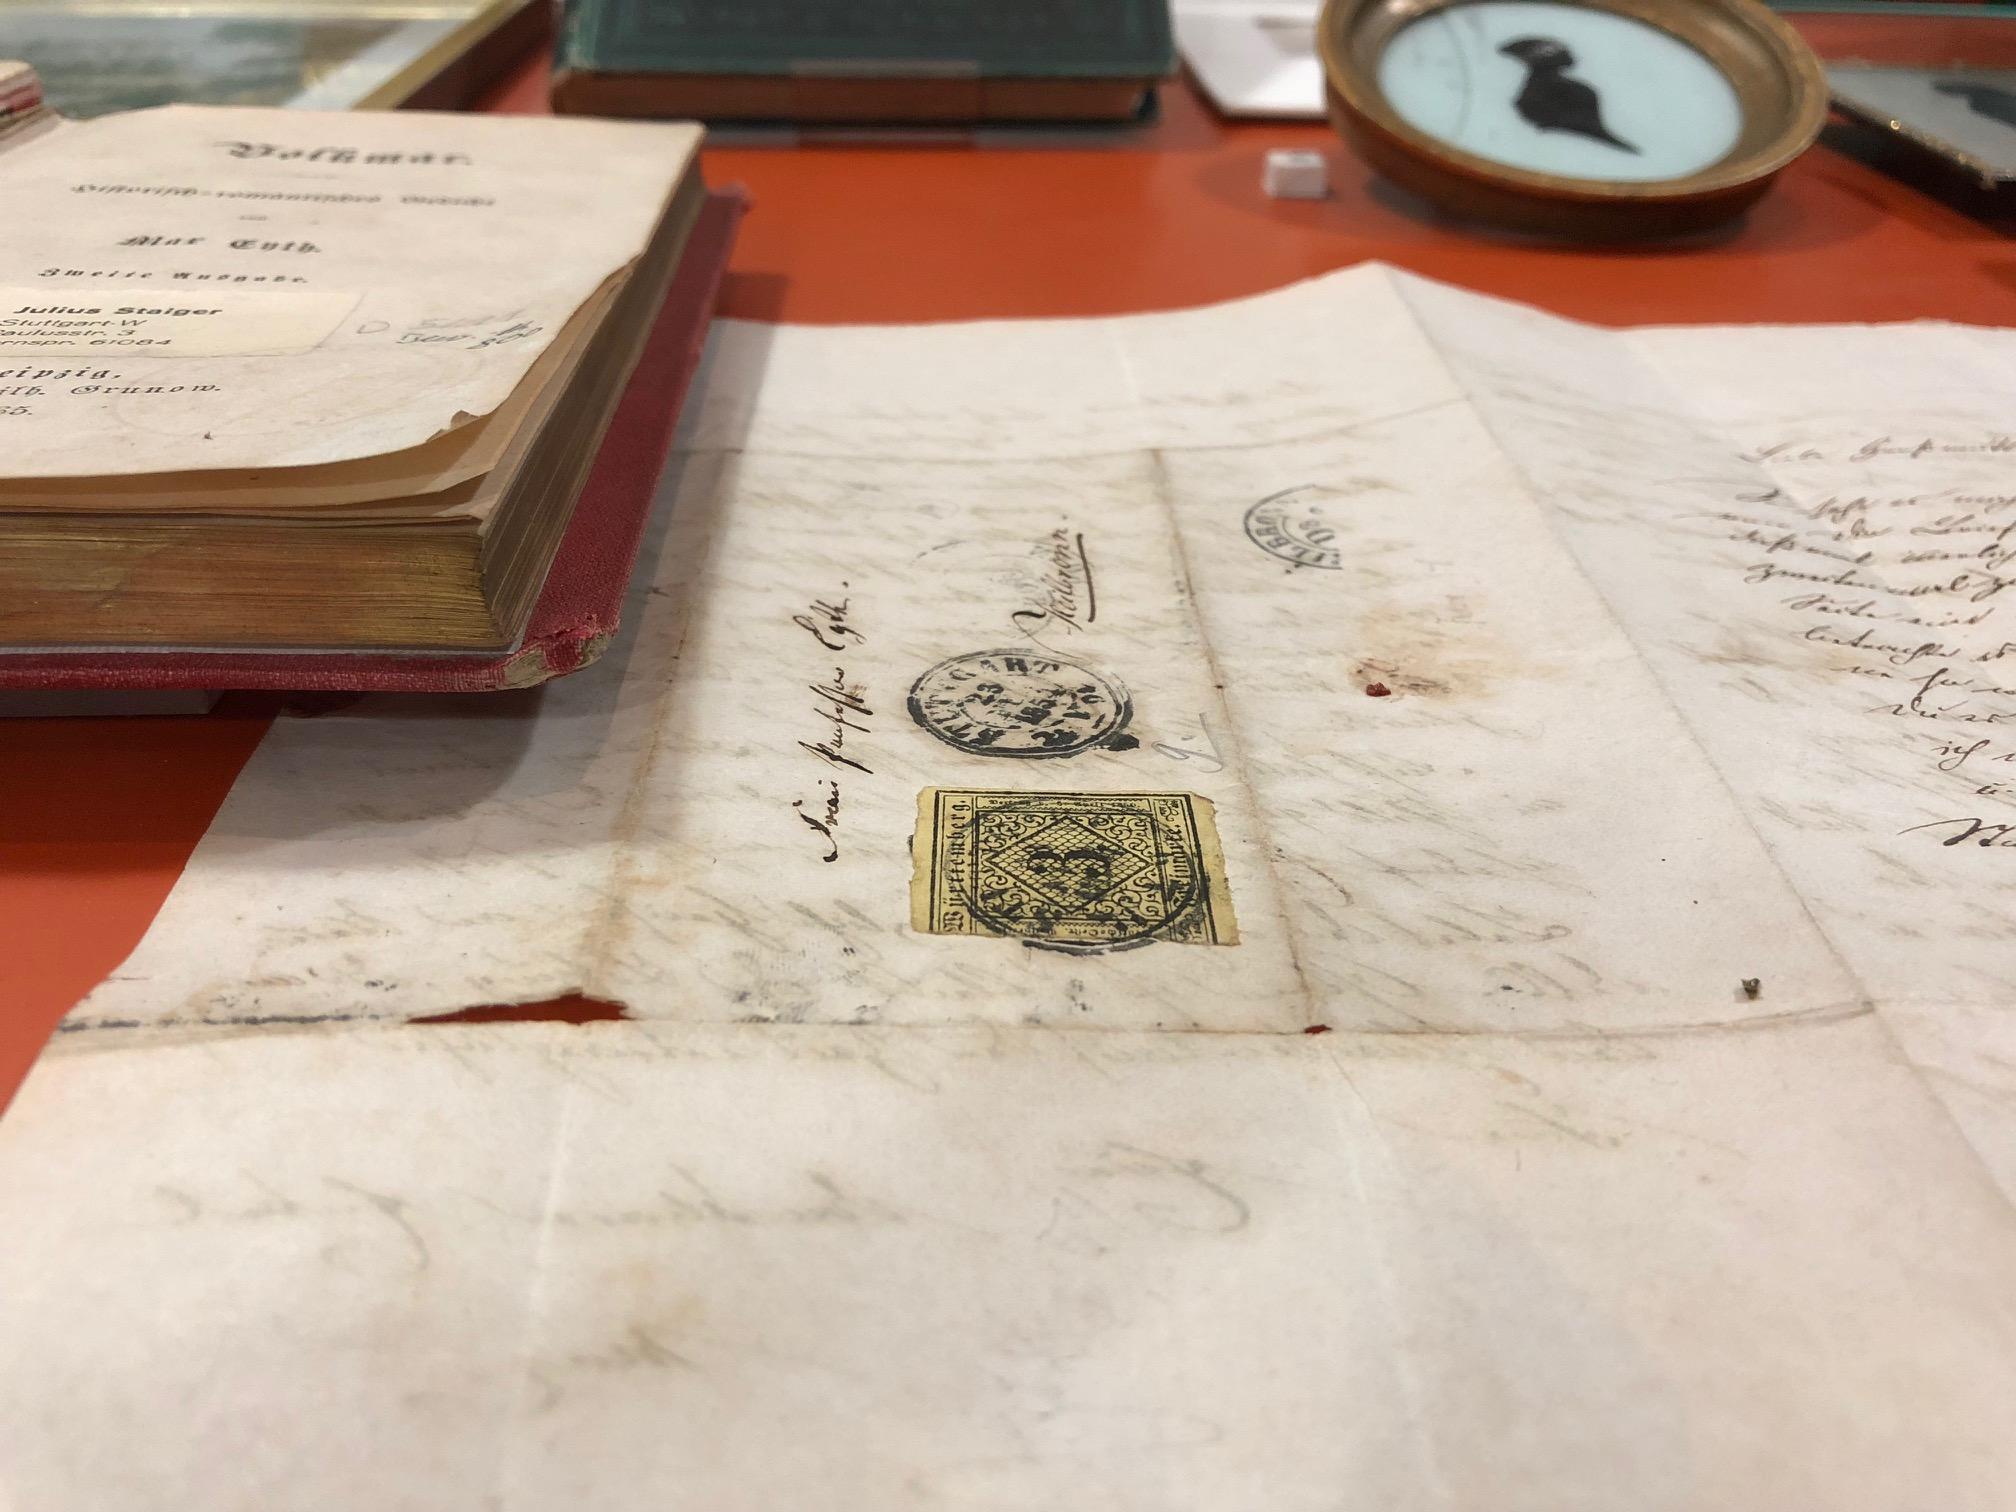 Bücher im Literarischen Museum